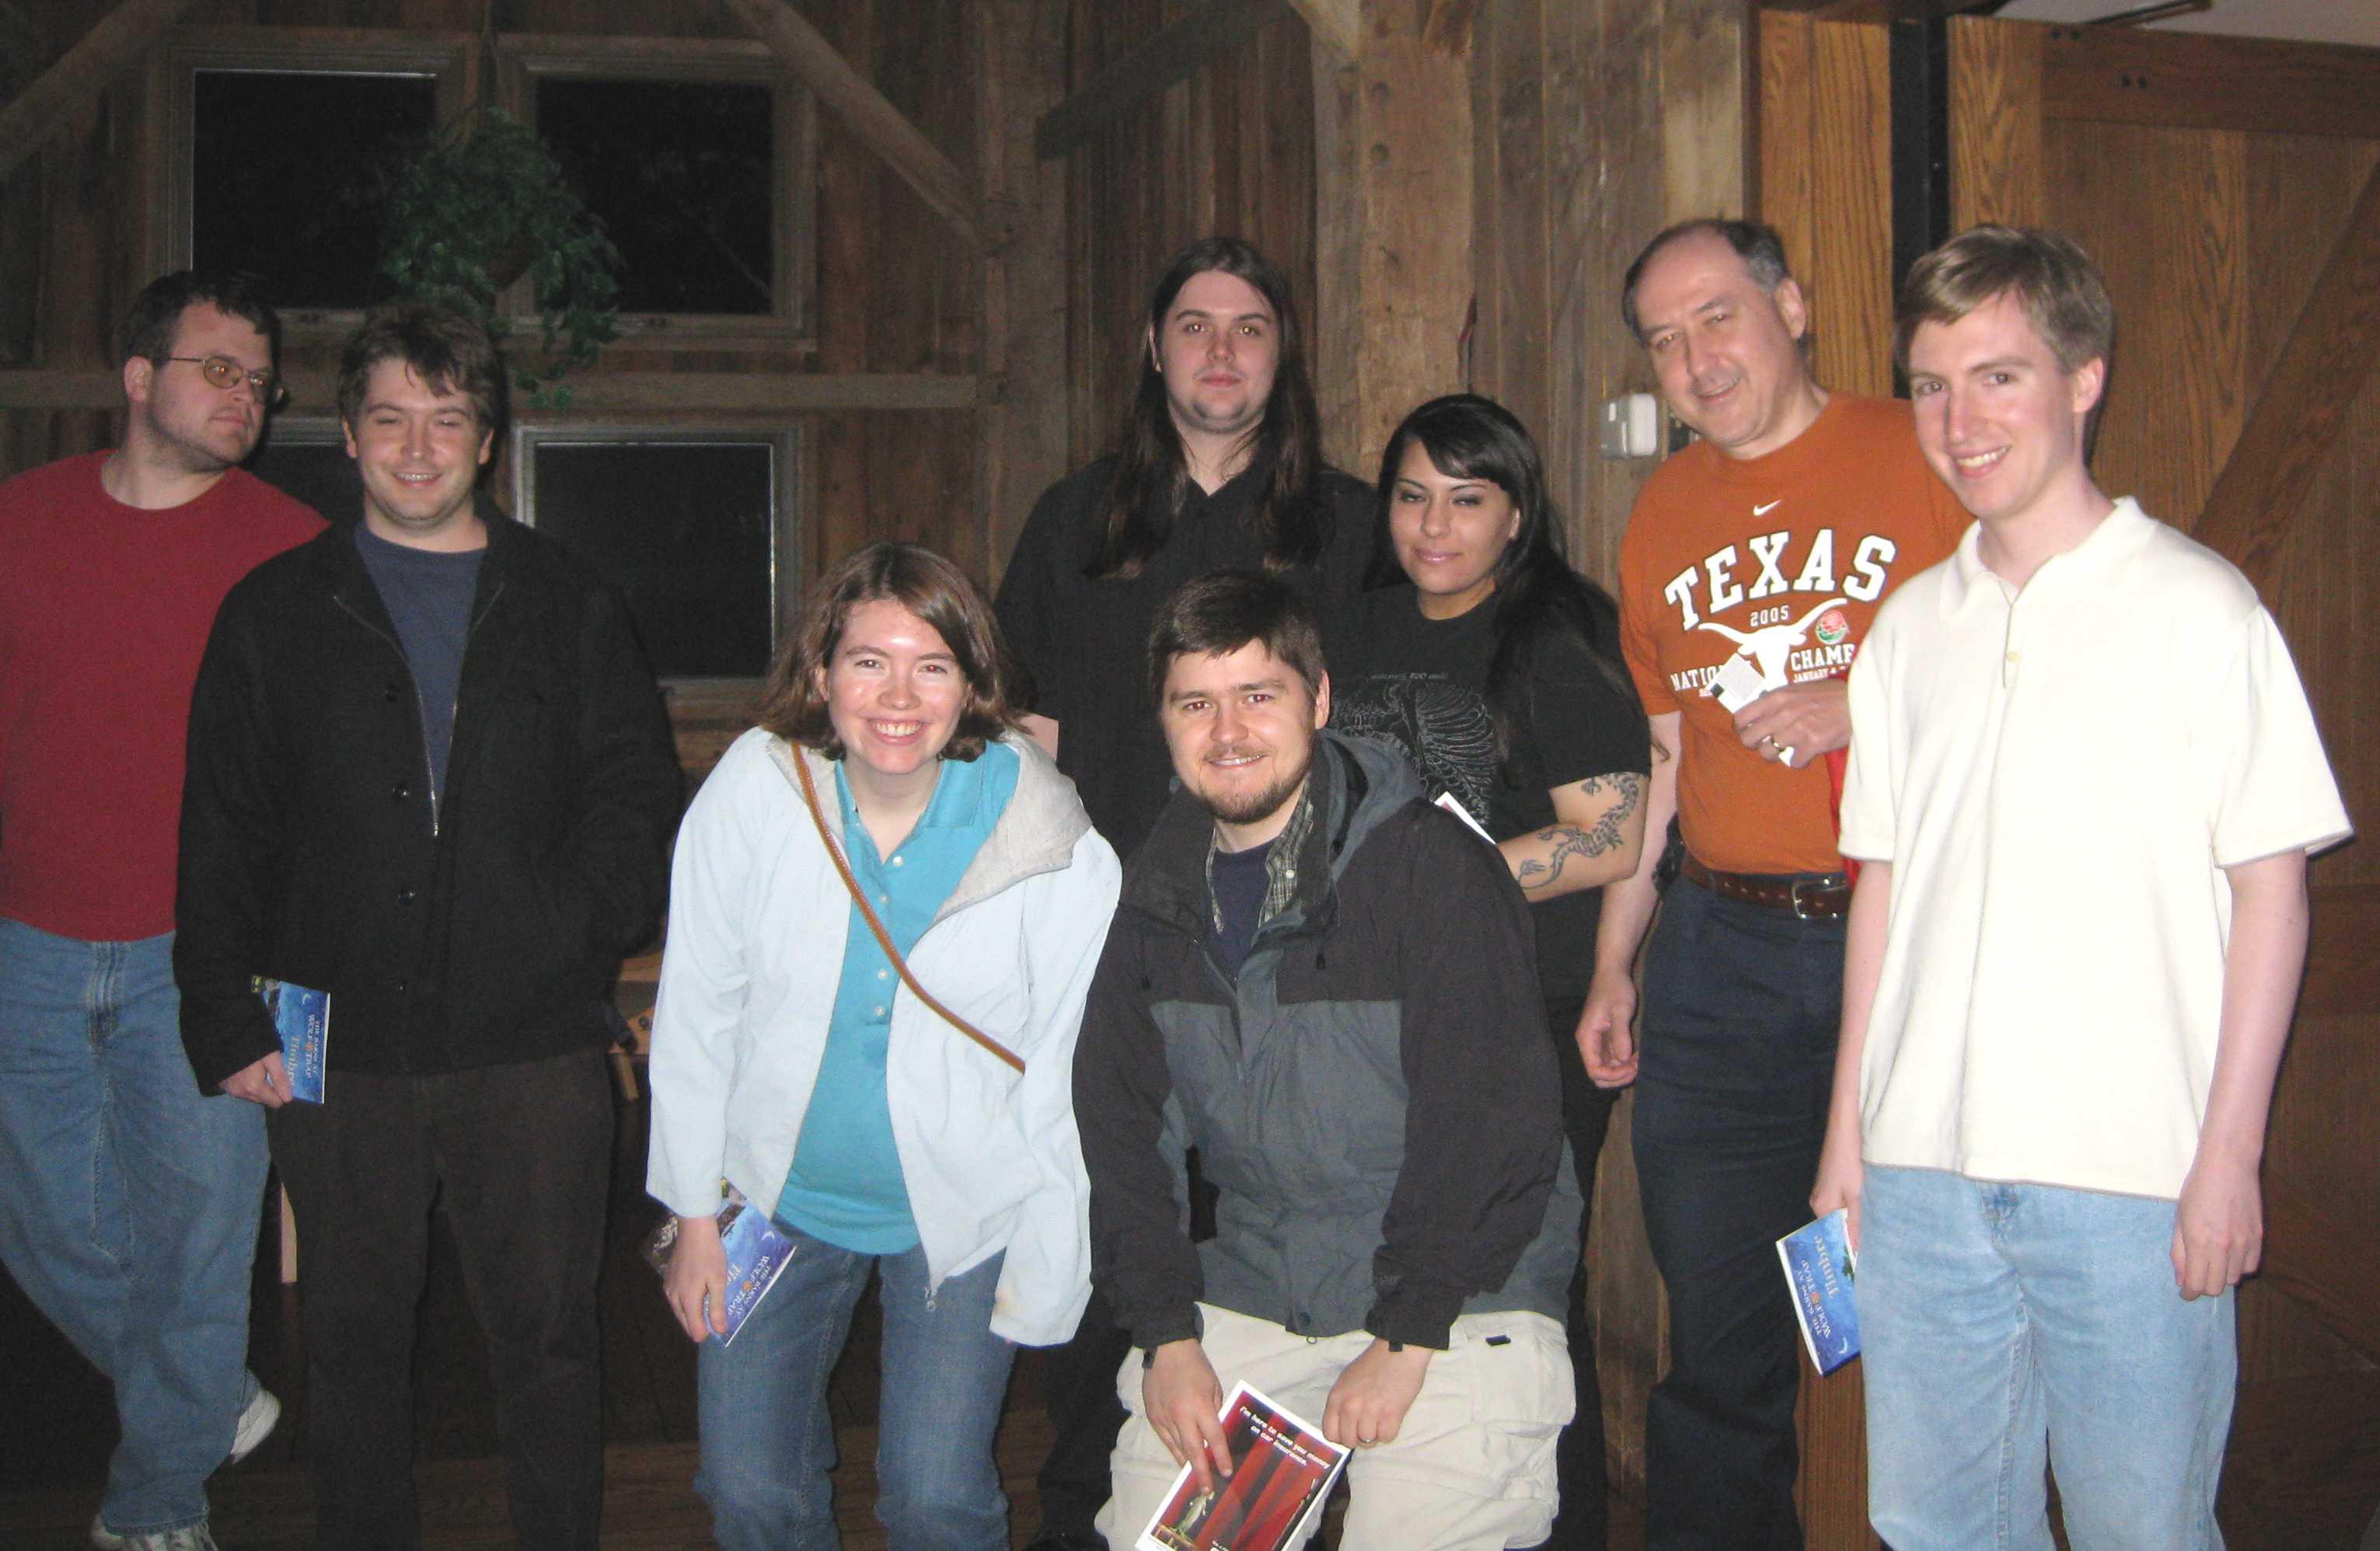 Guests at Barns